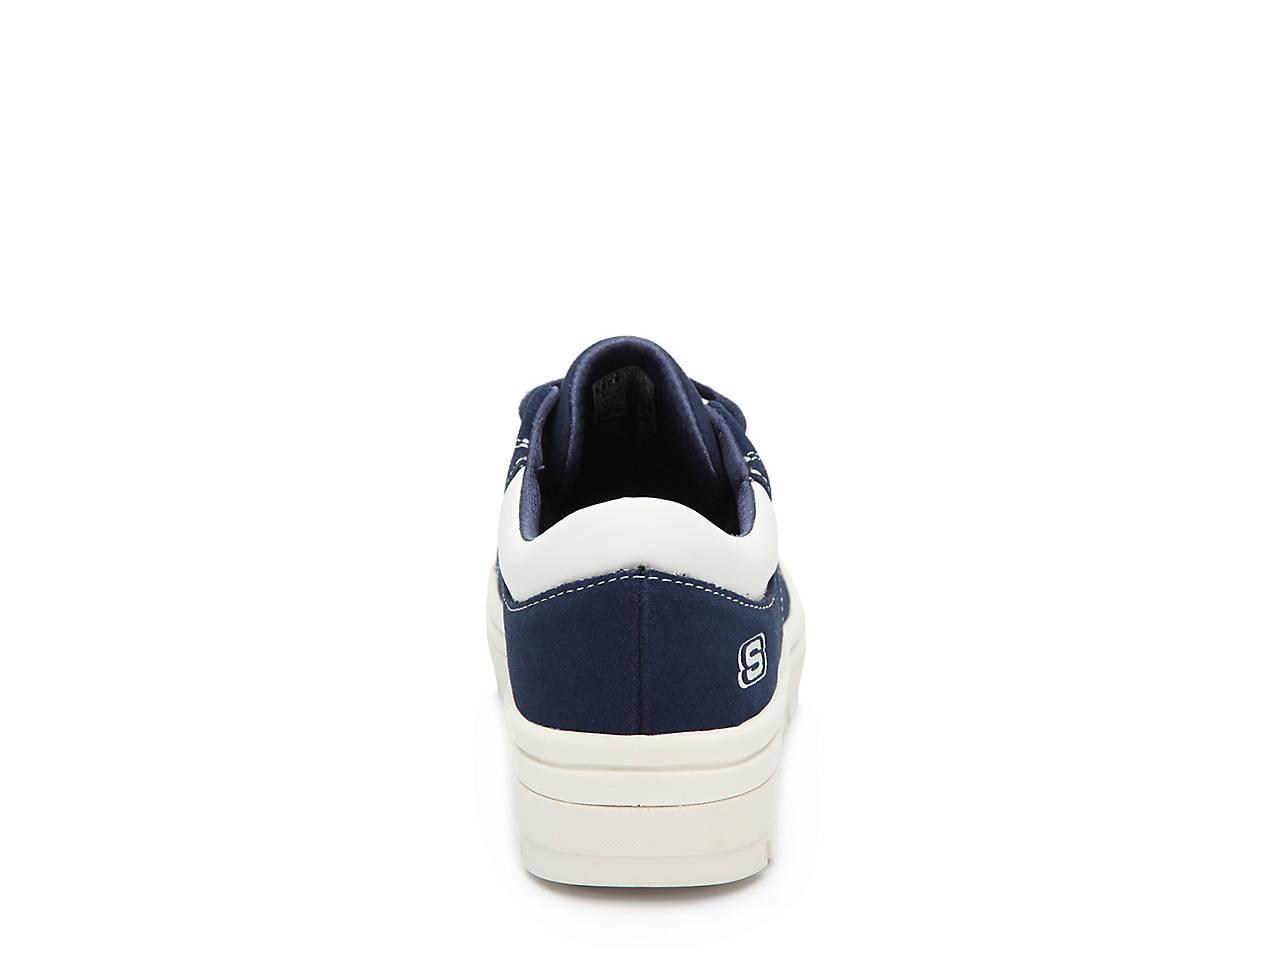 165aad0d456 Skechers Street Cleat Back Again Platform Sneaker Women s Shoes